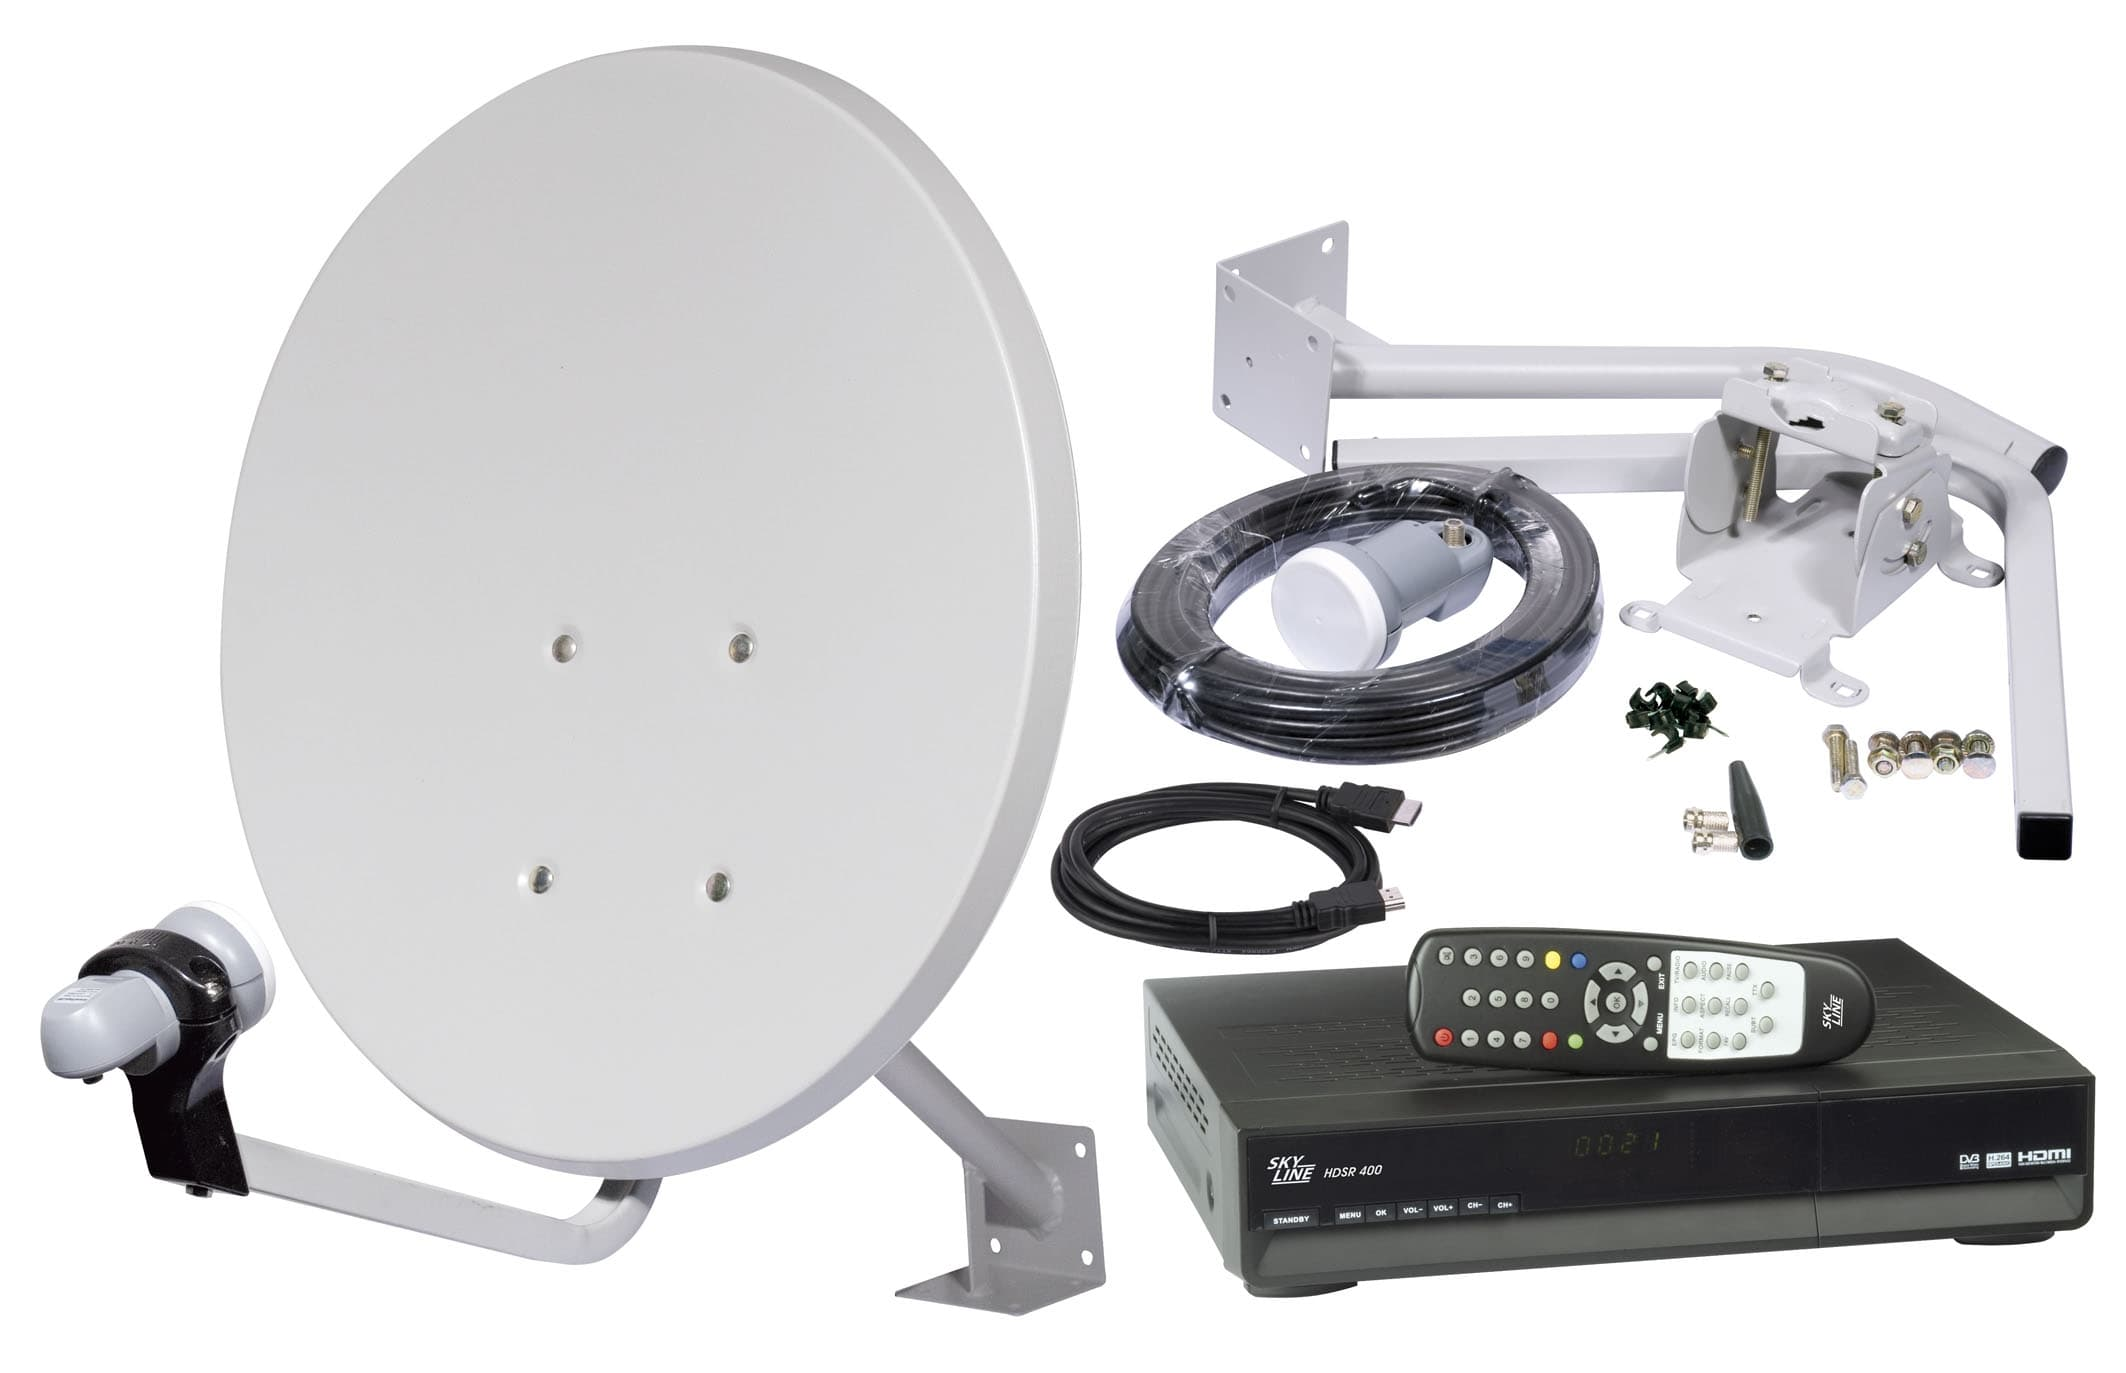 выгодный спутниковый интернет